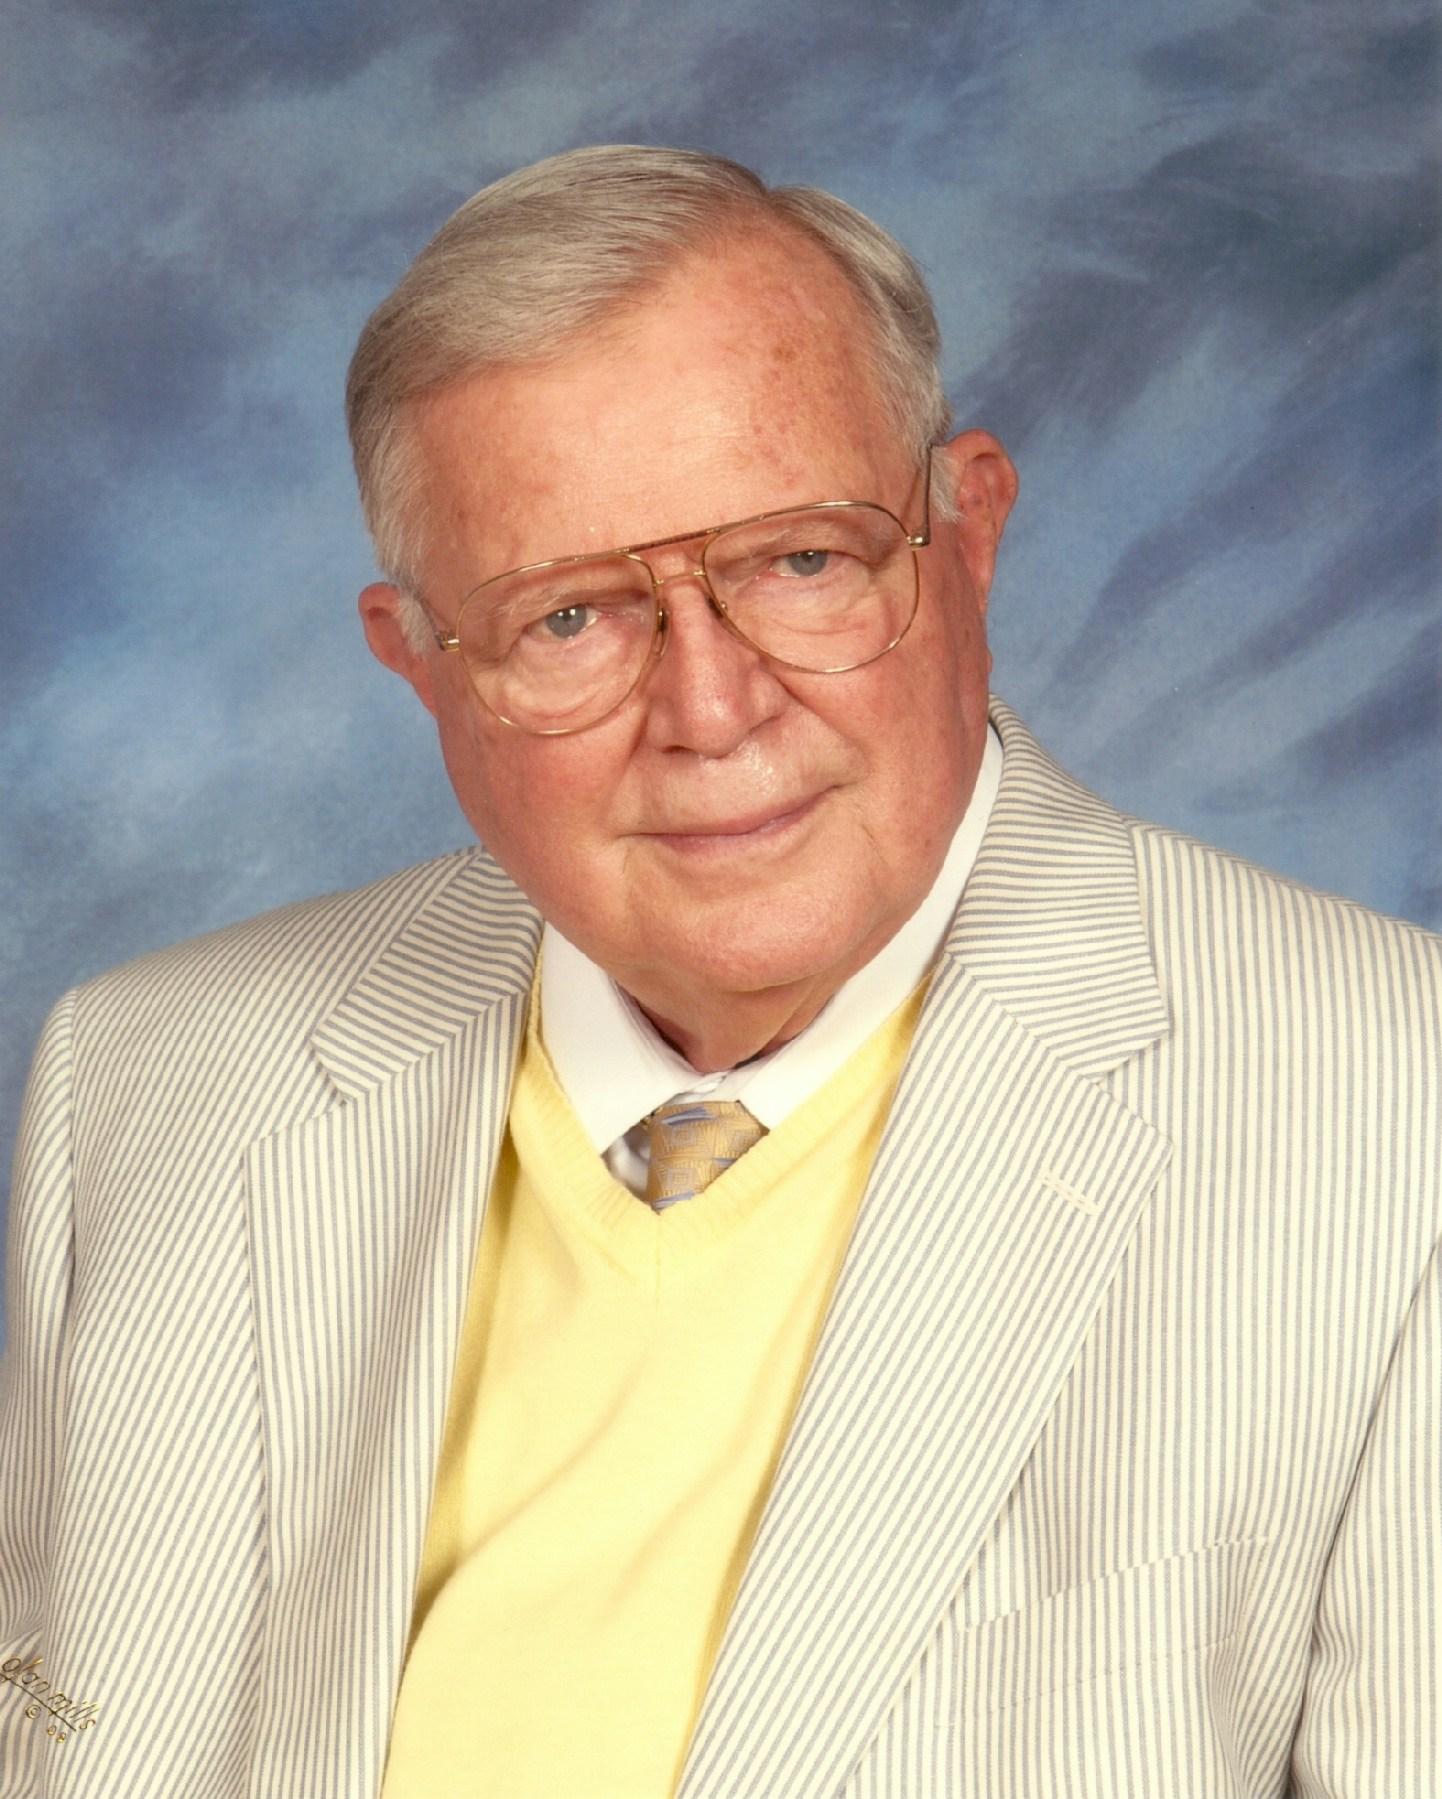 Judson robert wood obituary dallas tx izmirmasajfo